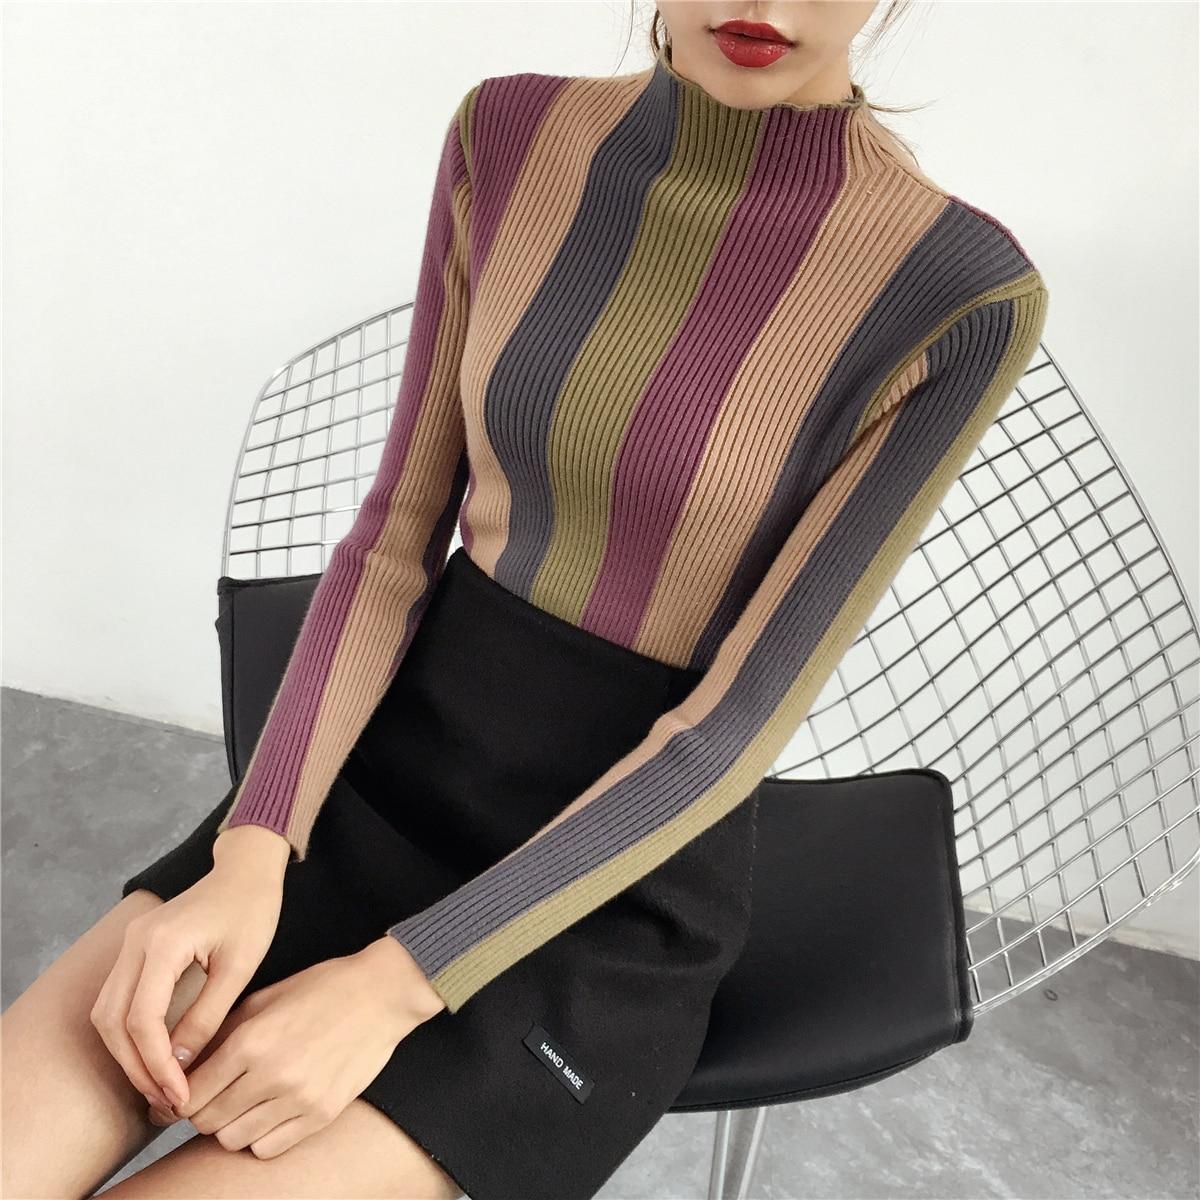 Photo Haut tricot Color Mince Moitié Col Color Femelle Couverture Épaissie photo Automne Chemise Basant Rayures La Chandail Nouvelle Serré vxqZtfpwA